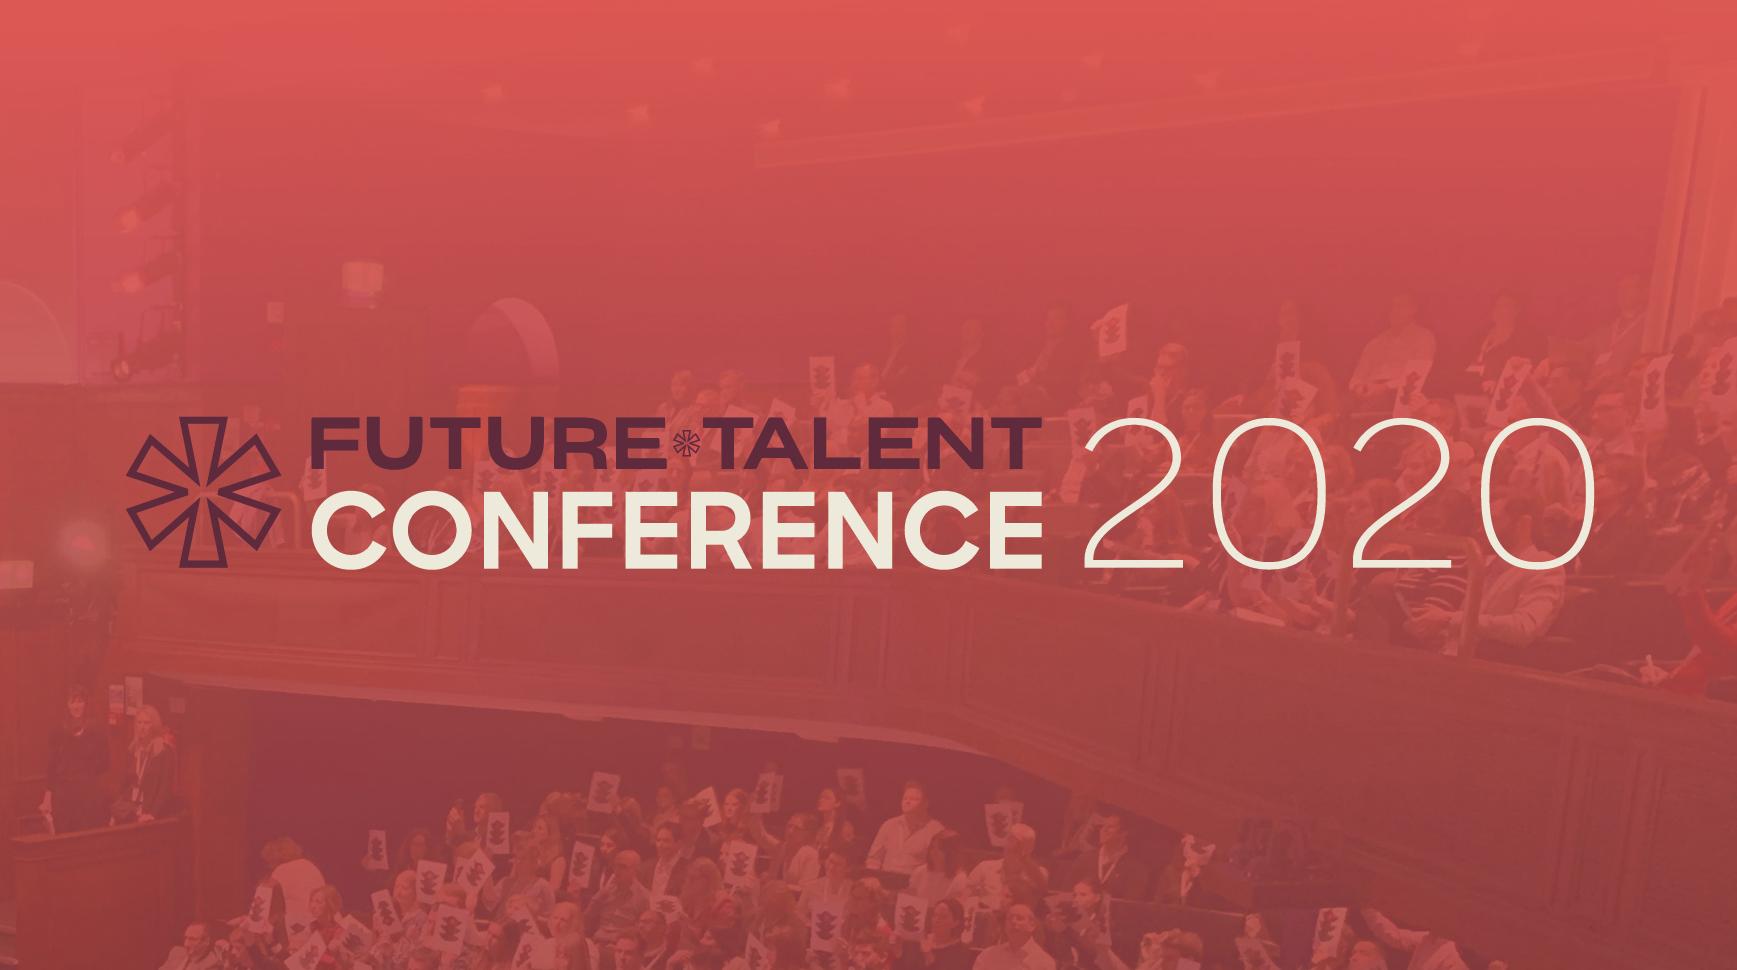 Conference header